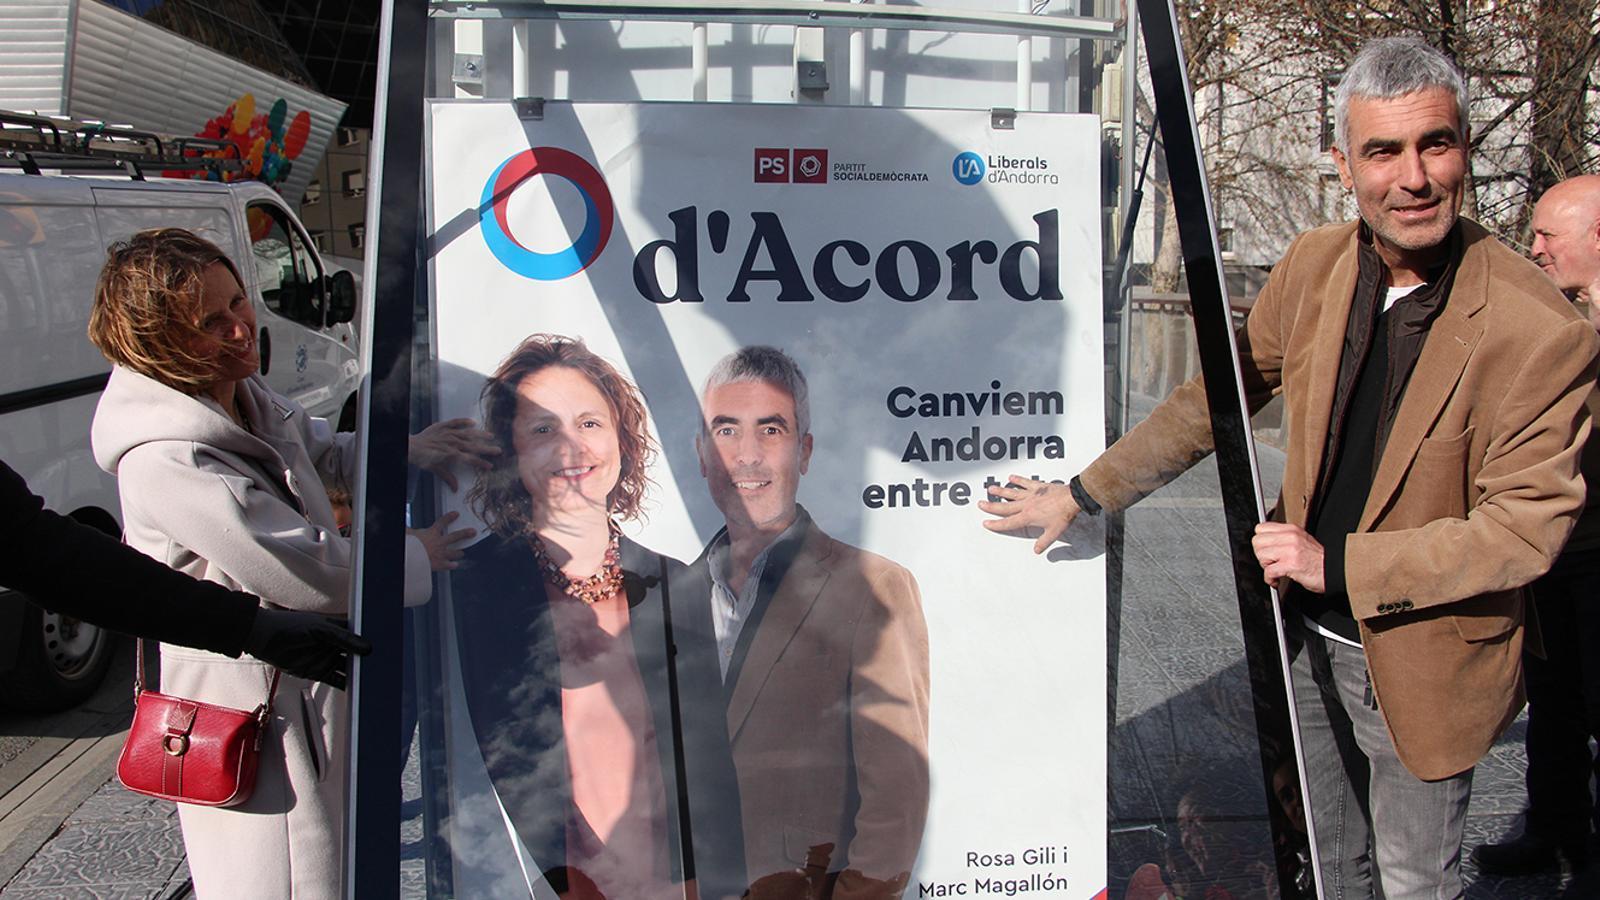 Els candidats de d'Acord, Rosa Gili i Marc Magallón, durant la penjada de cartell el passat diumenge. / M. M.